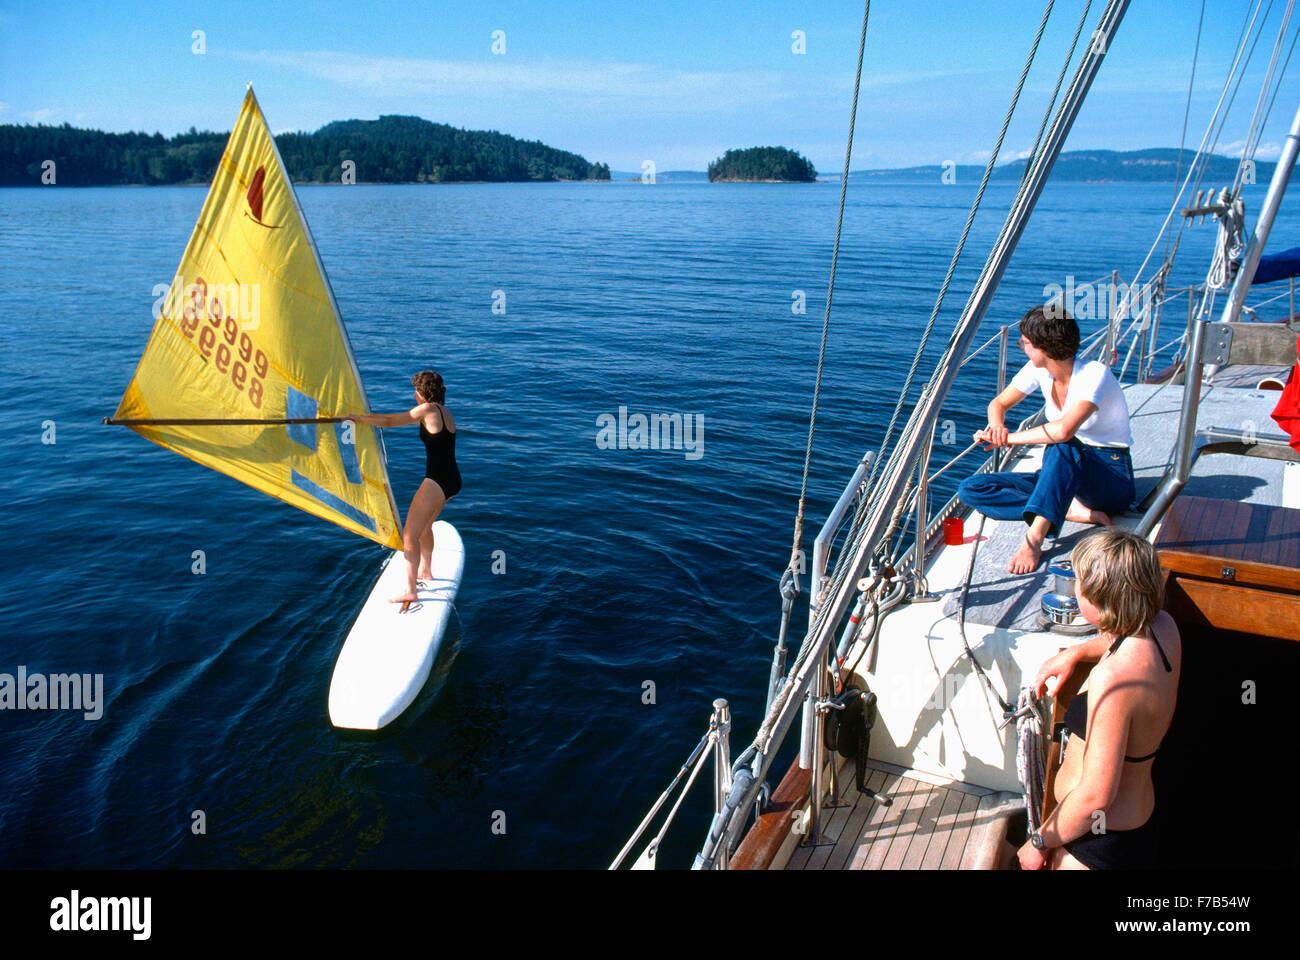 La planche à voile et la voile, les îles Gulf, en Colombie-Britannique, Colombie-Britannique, Canada  Photo Stock